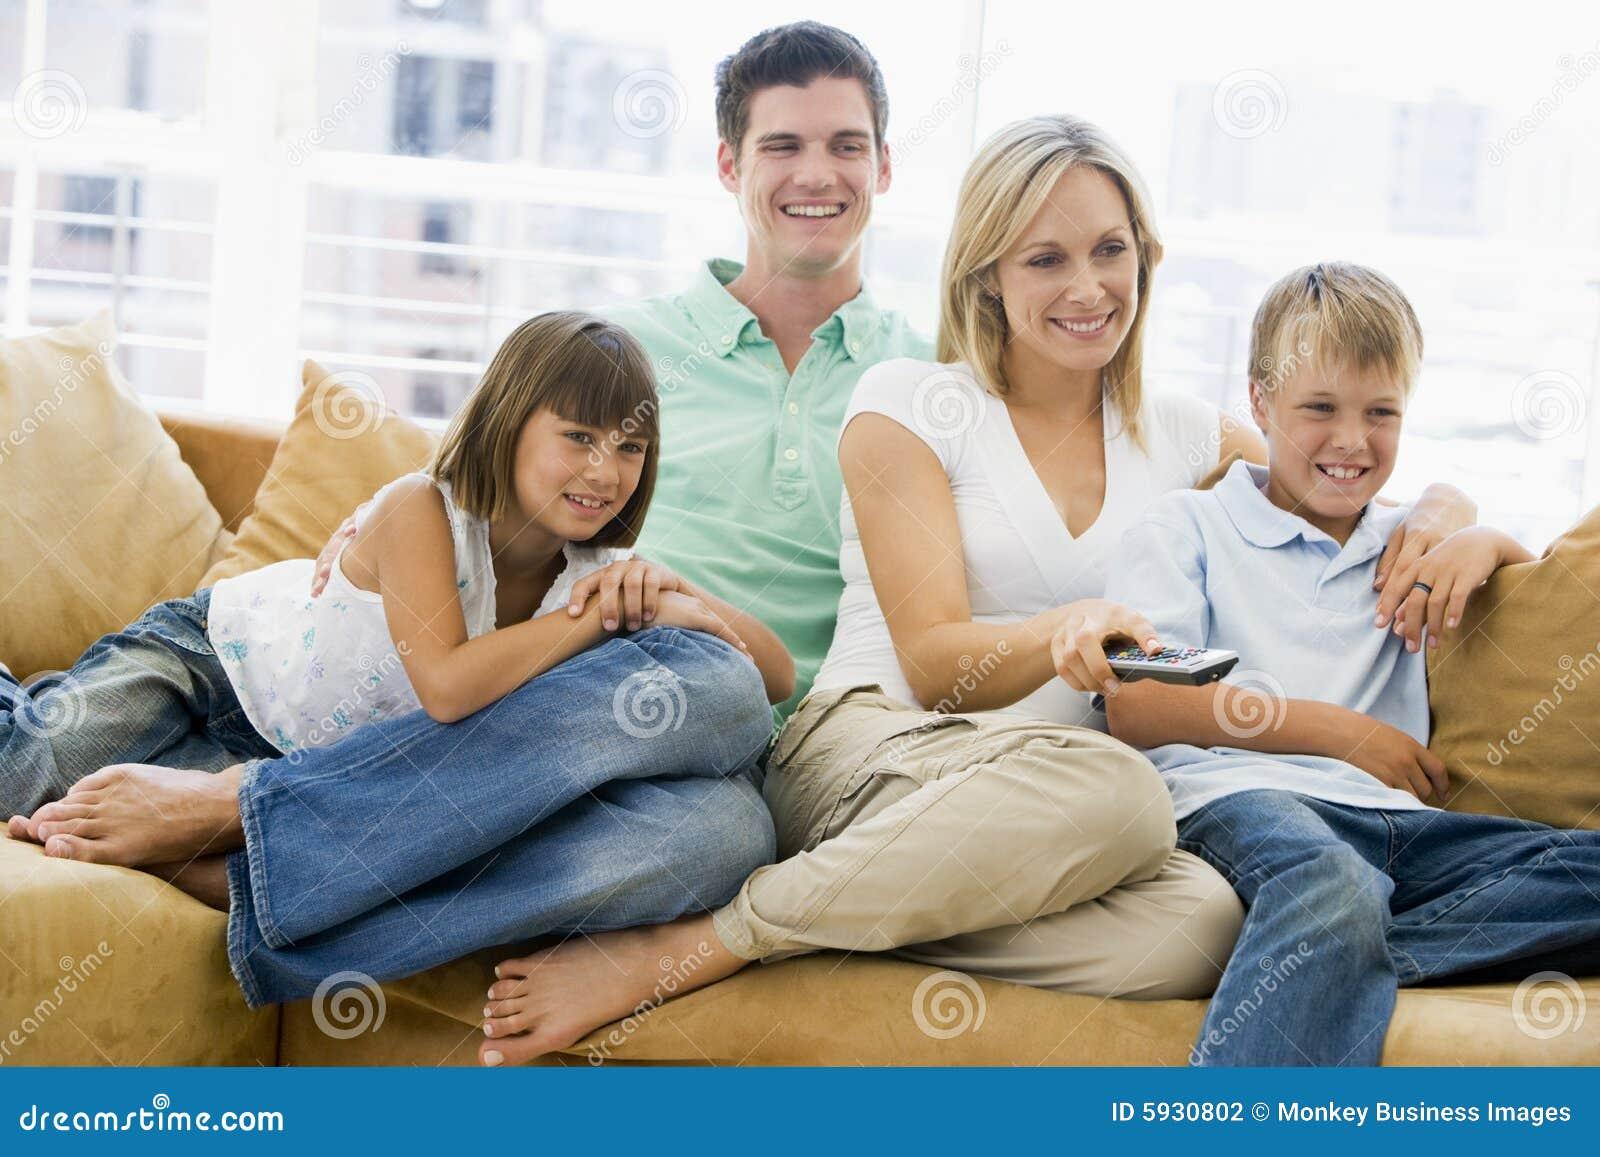 Familie, Die Im Wohnzimmer Mit Fernsteuerungs Sitzt Stockfoto - Bild ...